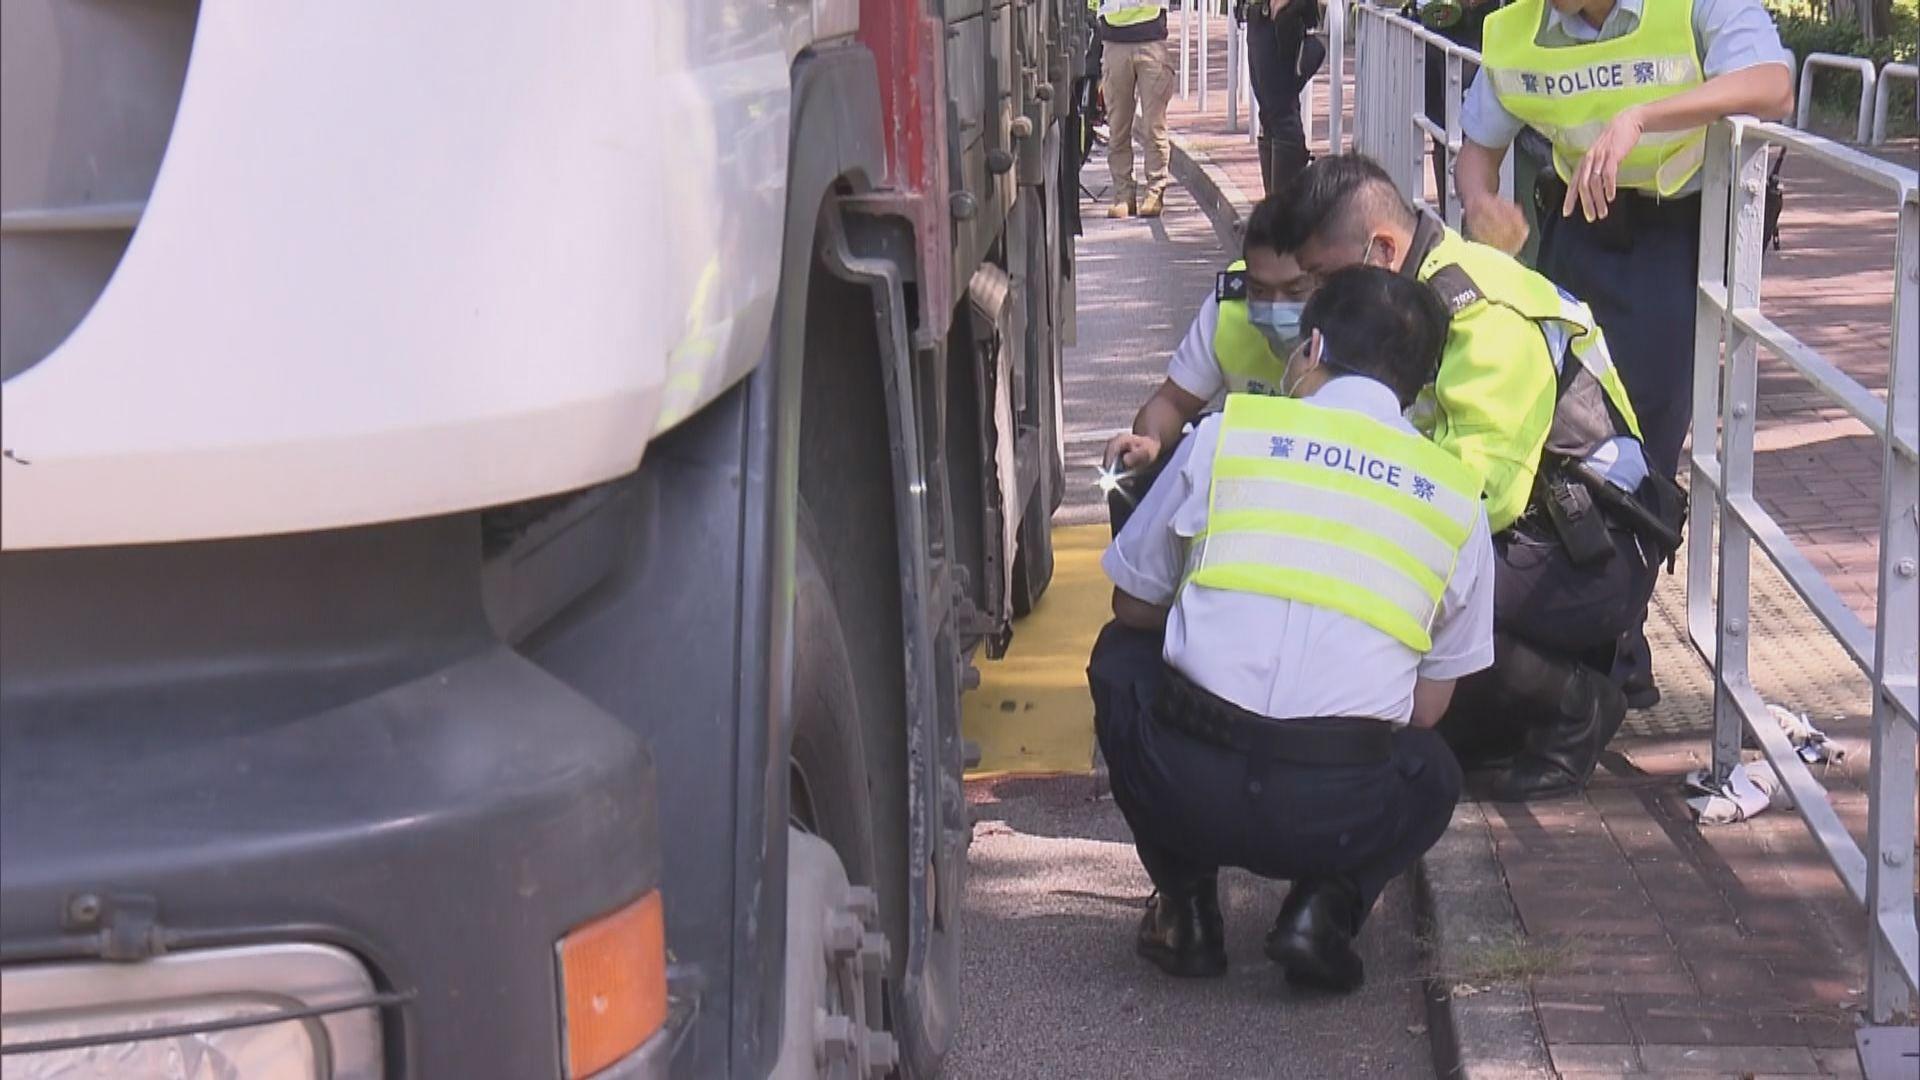 屯門女子被重型貨車撞倒後捲車底亡